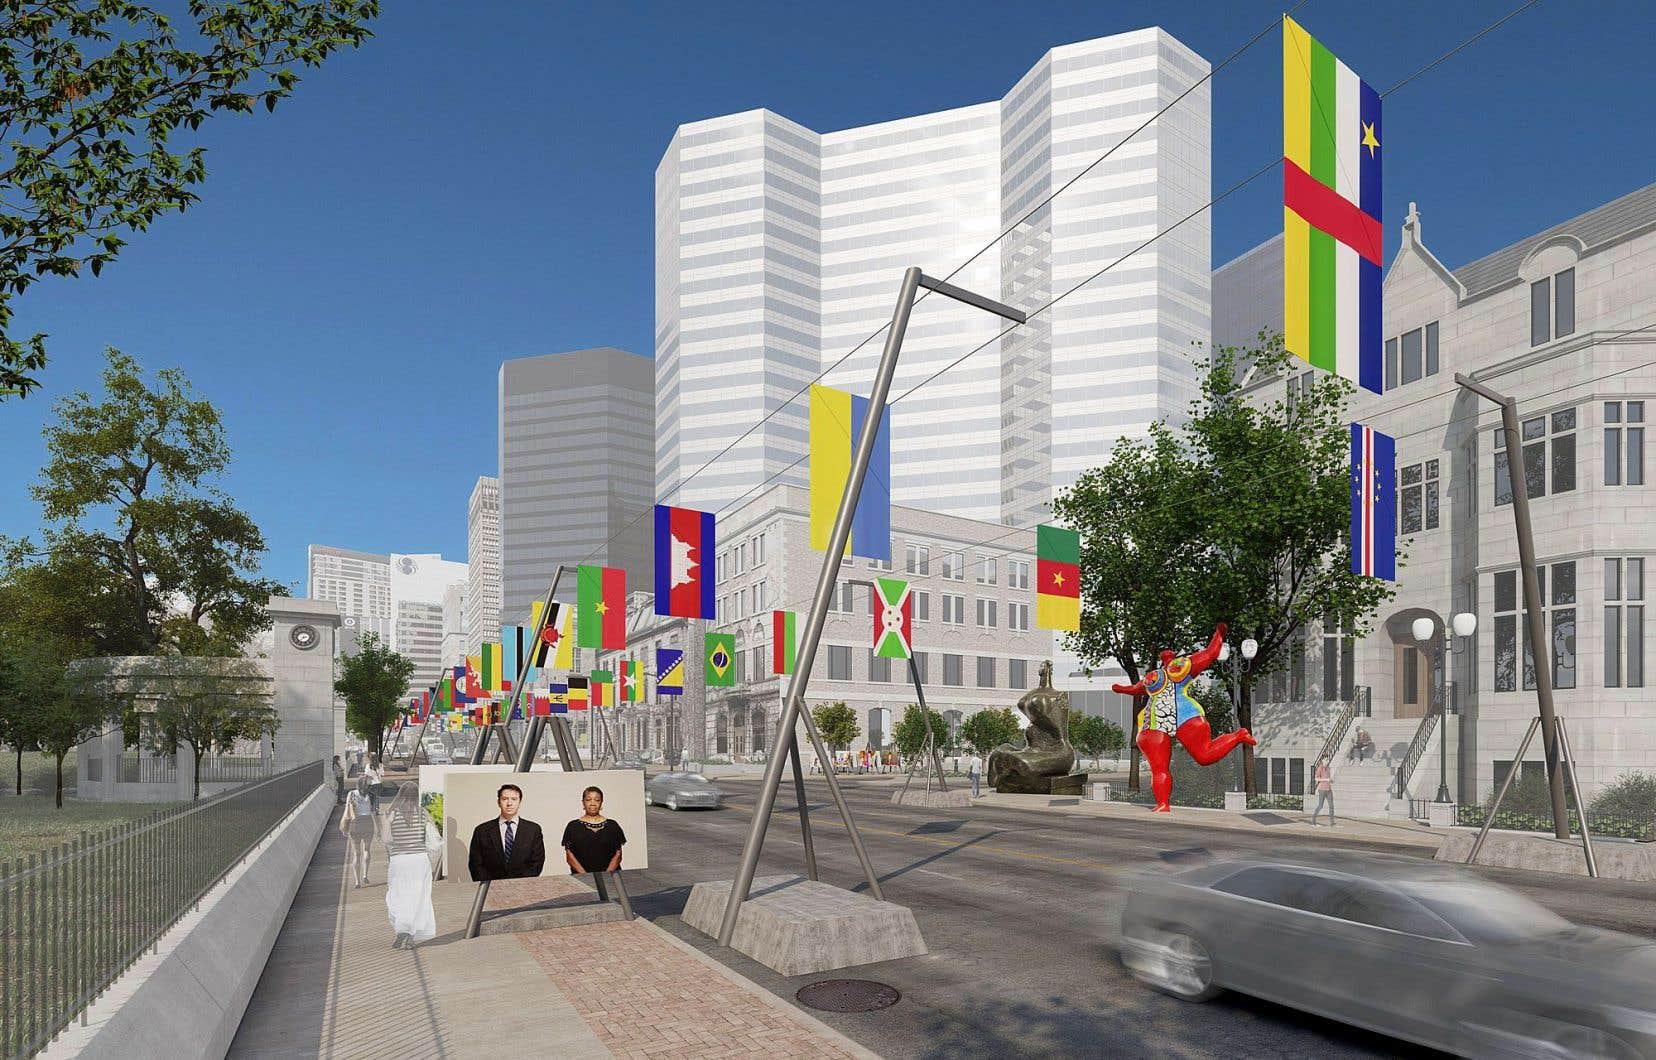 «La balade pour la paix. Un musée à ciel ouvert» trace un itinéraire entre le musée dédié à l'histoire de Montréal, soit le Musée McCord, et le nouveau Pavillon pour la paix Michal et Renata Hornstein du MBAM.